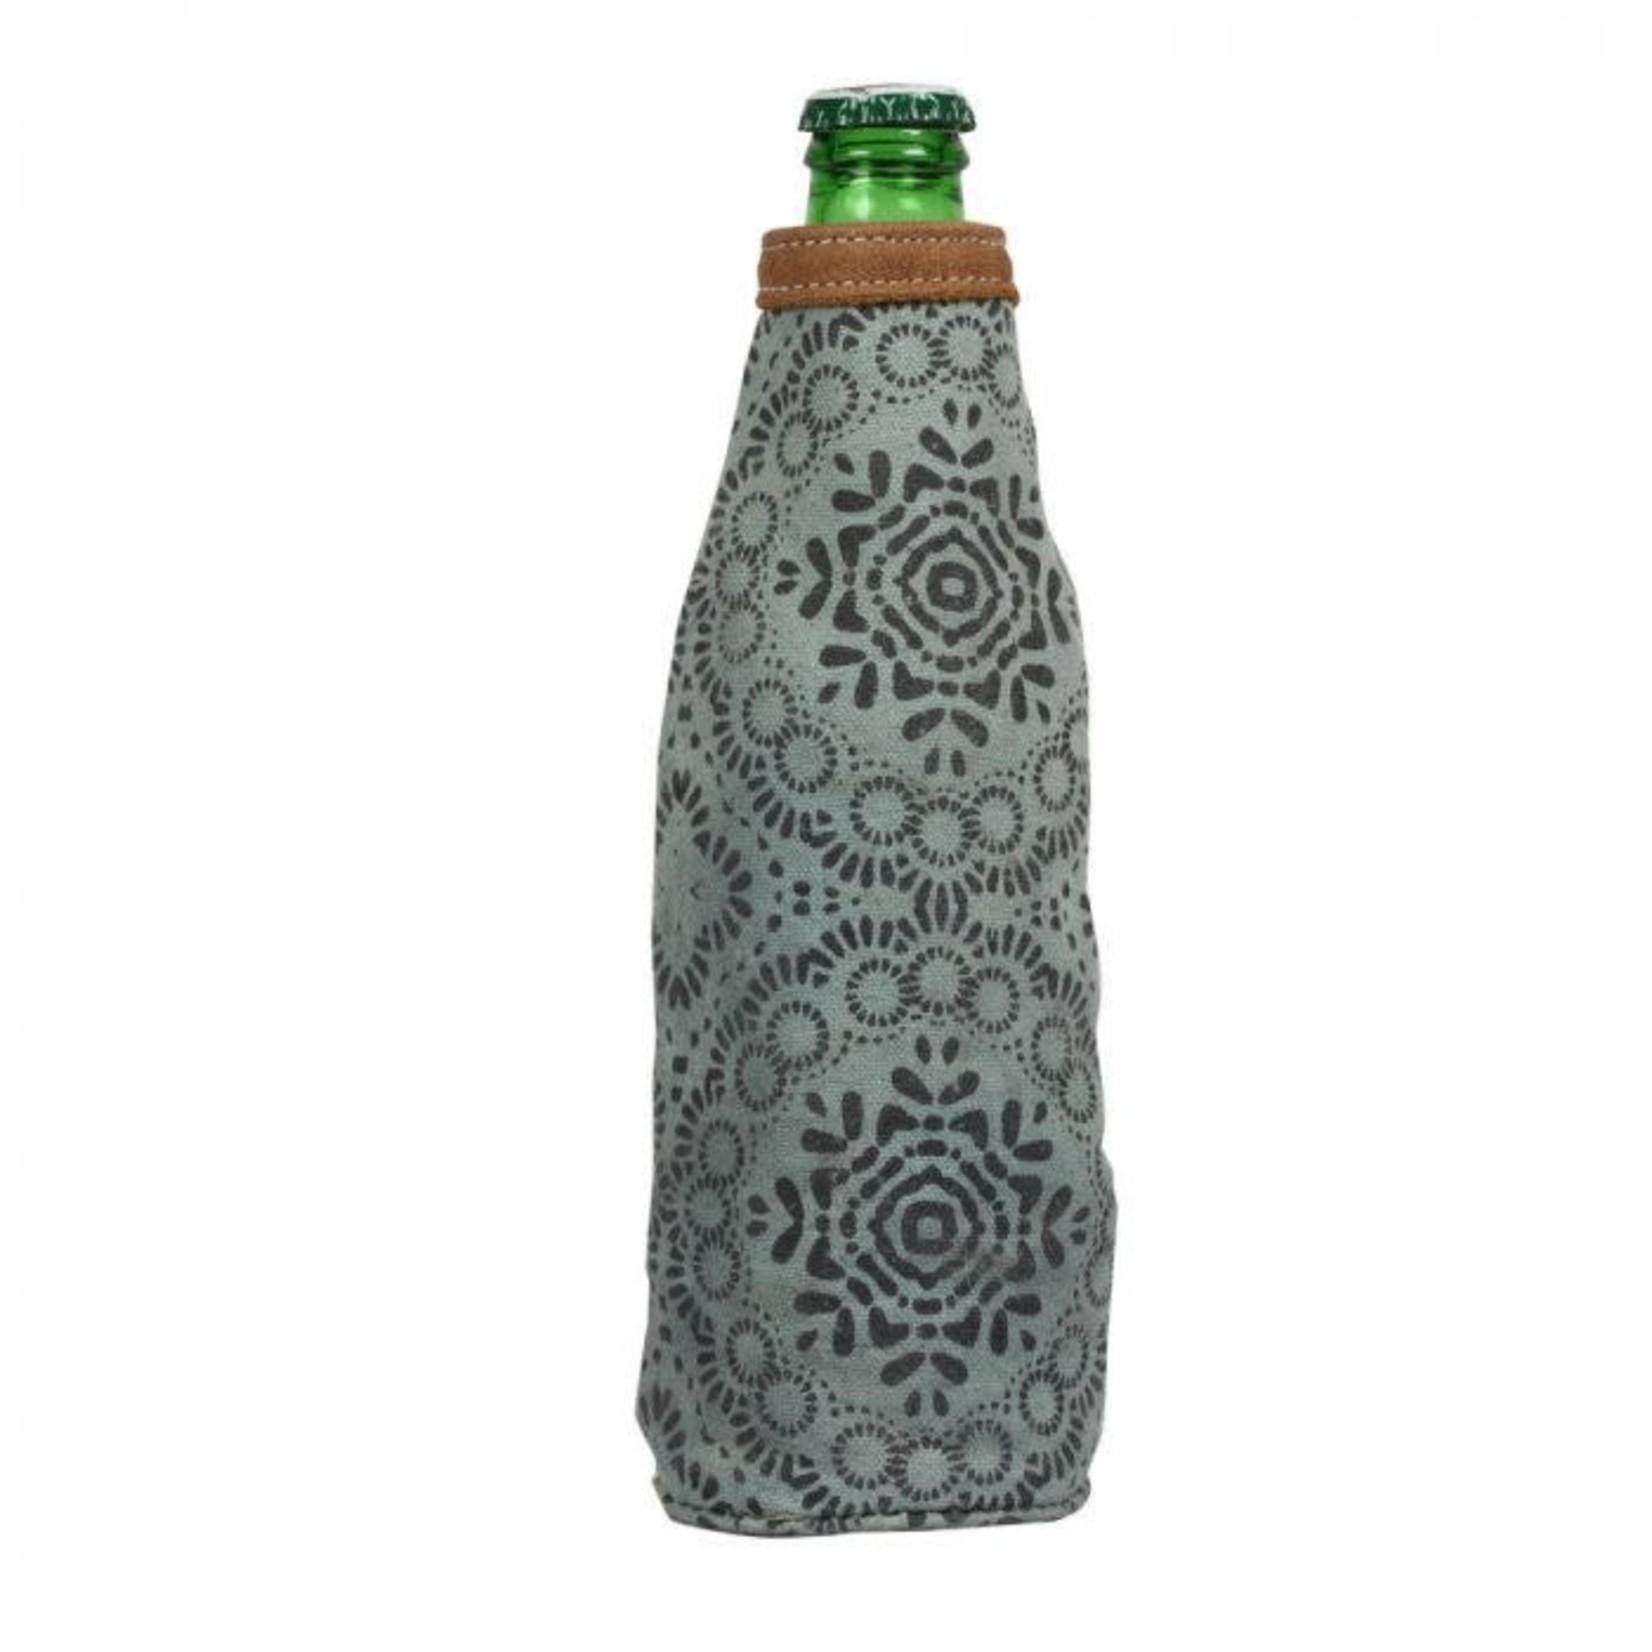 Myra Bag Olive Colored Bottle Koozie